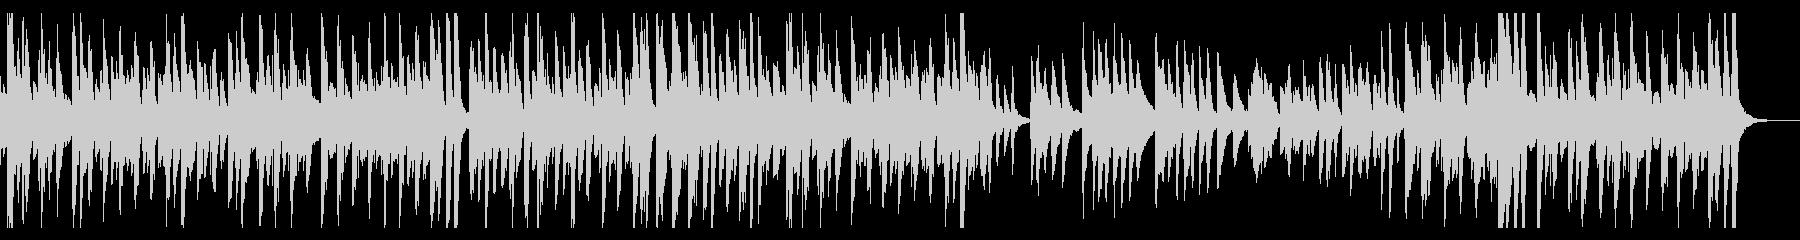 ソロのジャジーなピアノ曲。のんきで...の未再生の波形